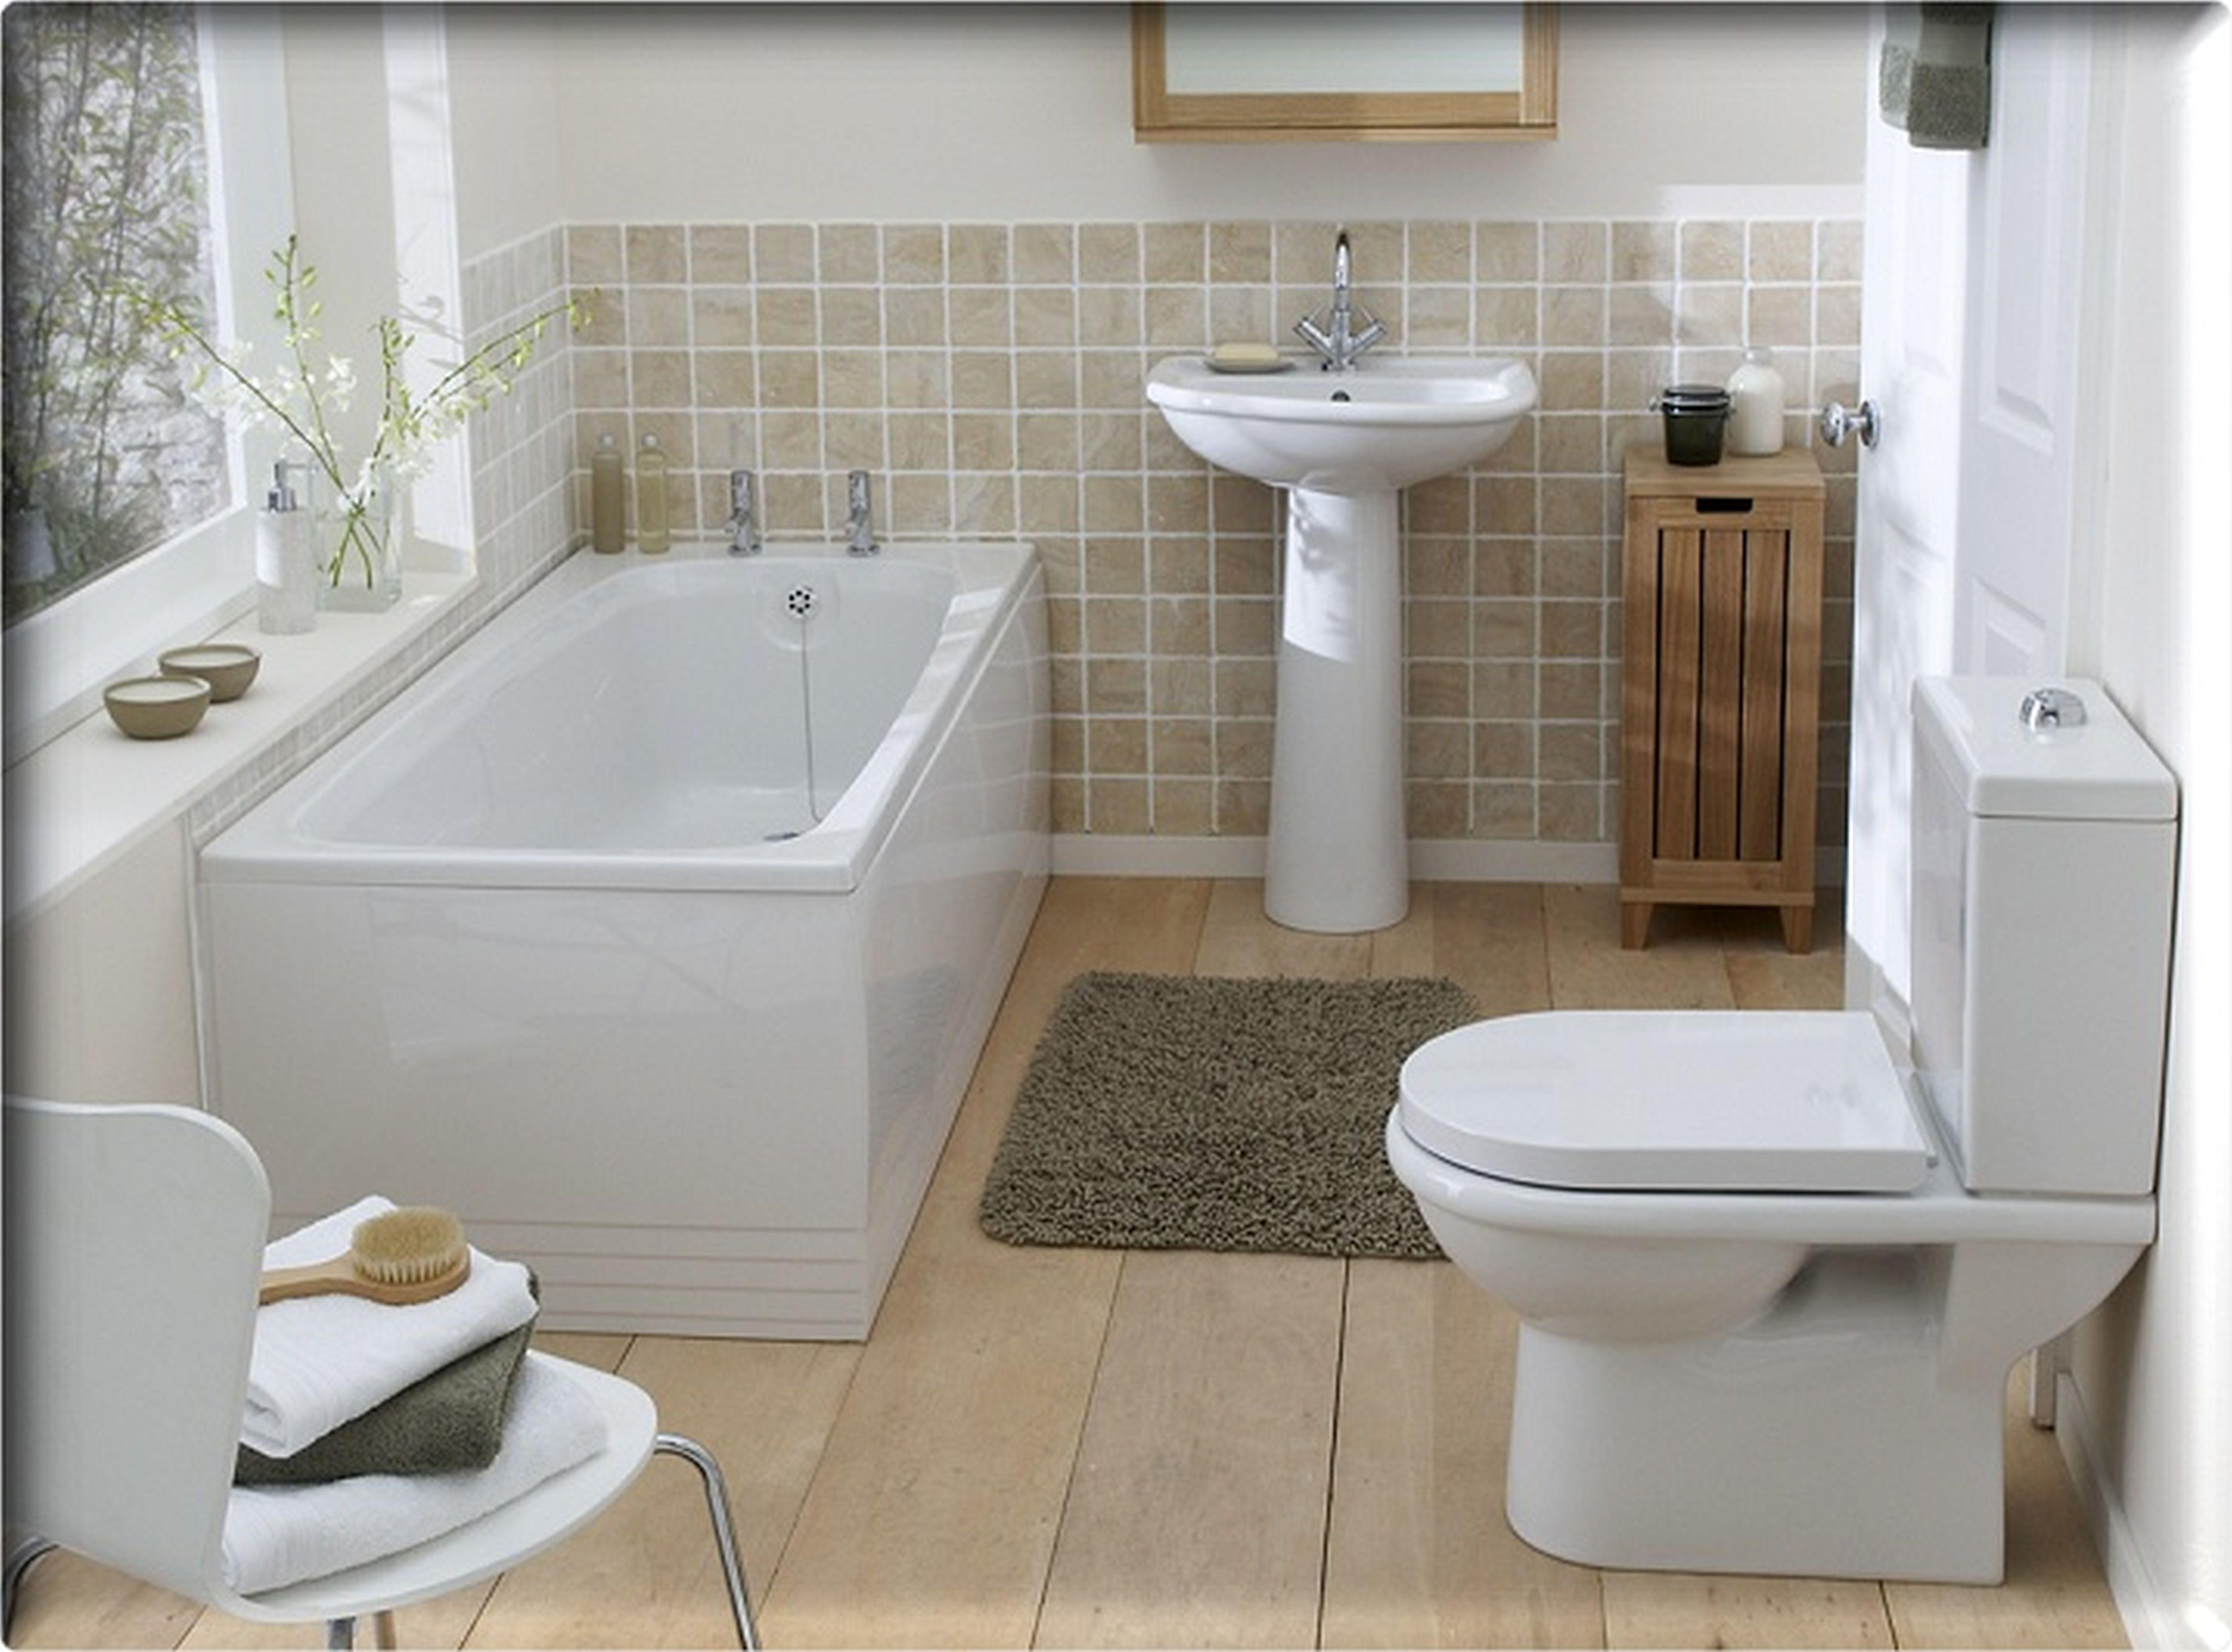 Bamboo Flooring In Bathroom Homesfeed